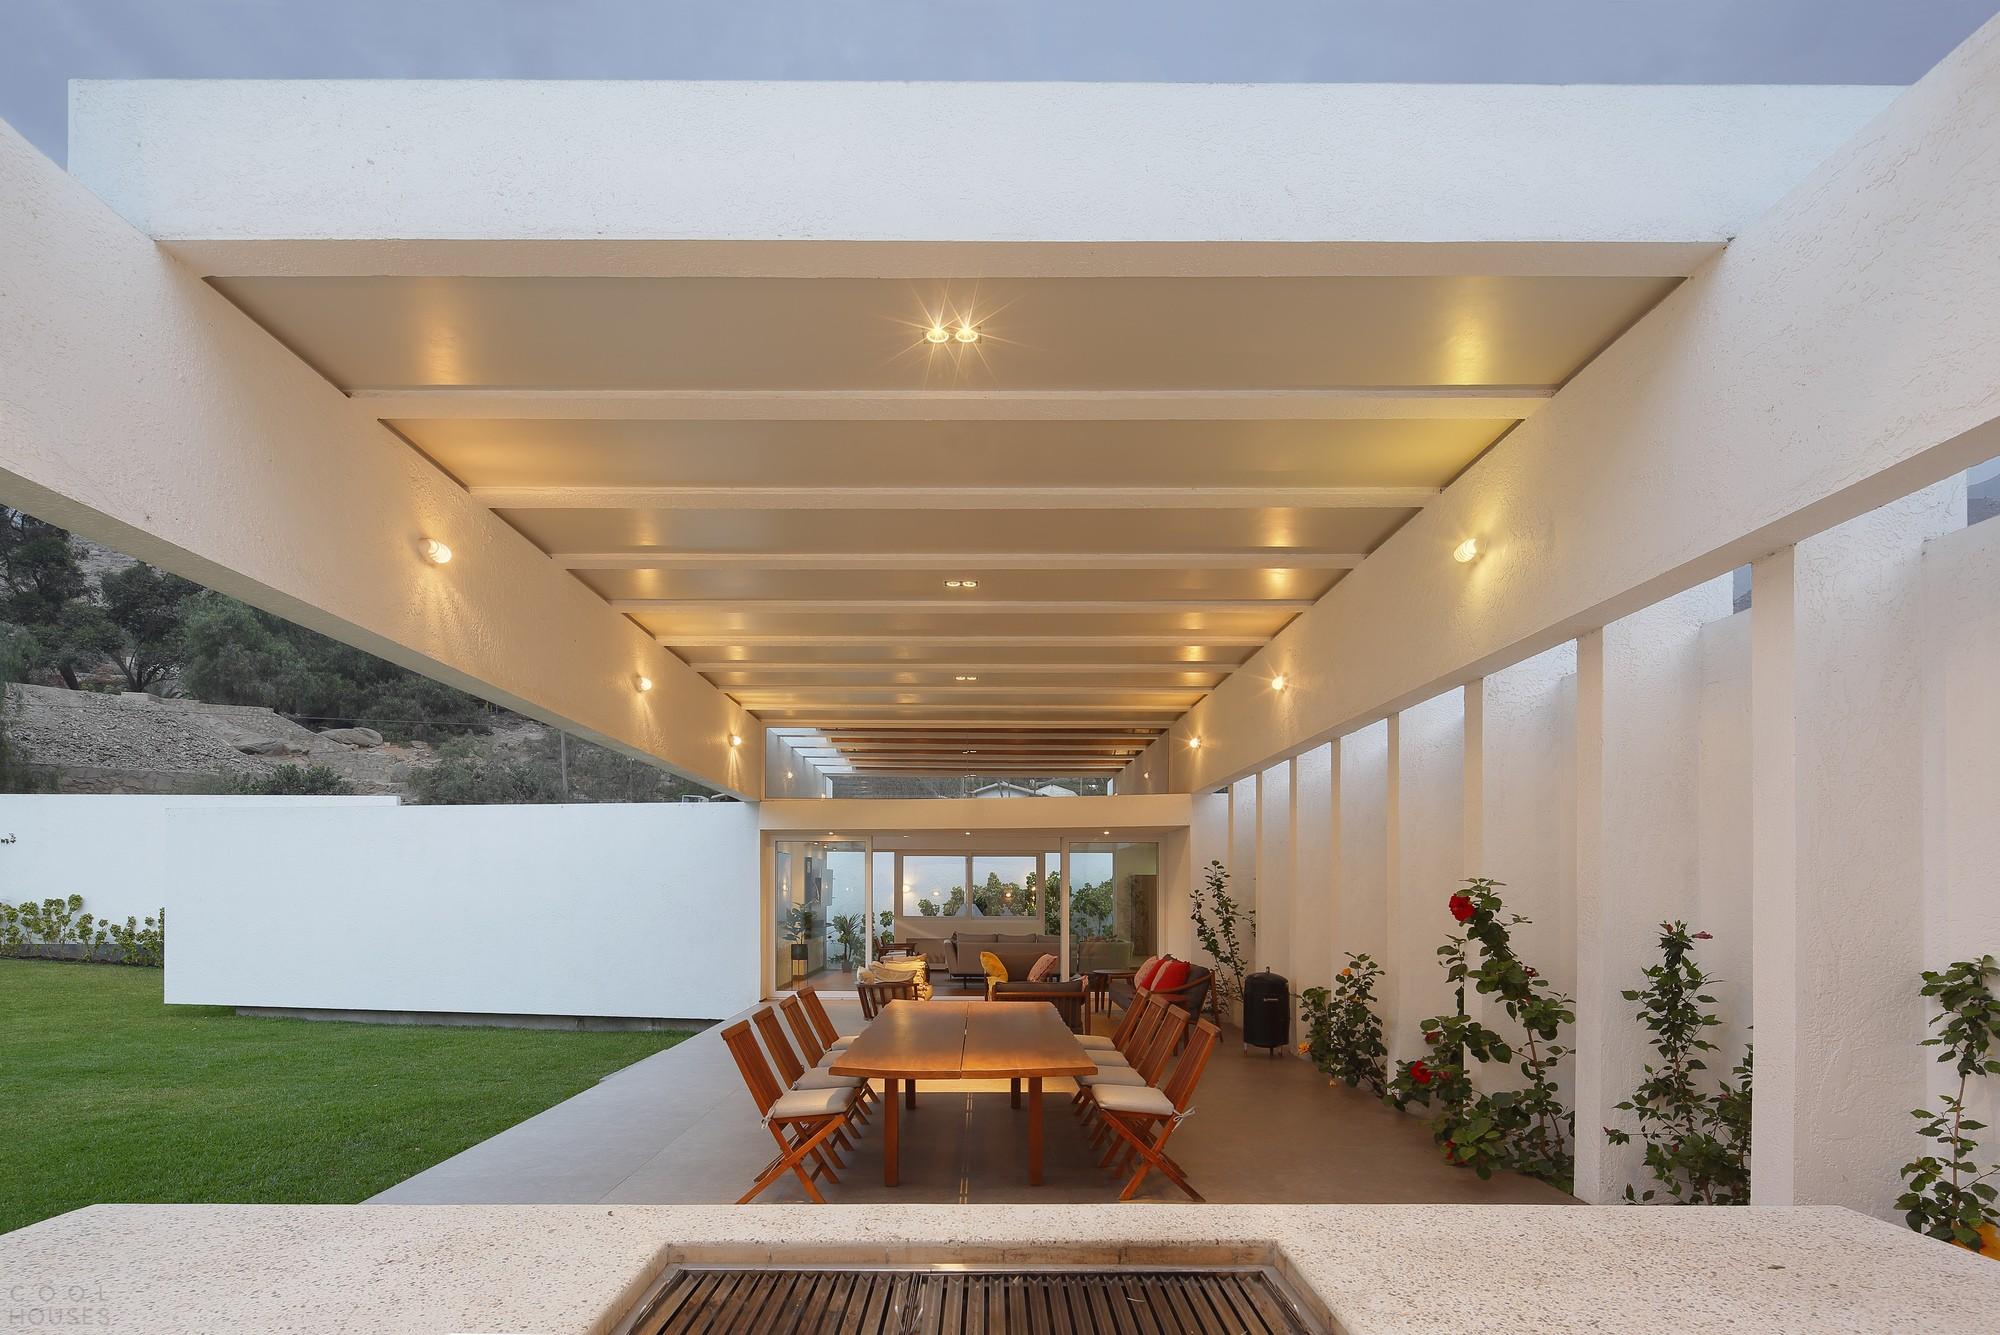 Белый дом с открытыми балками и сводчатым кирпичным потолком